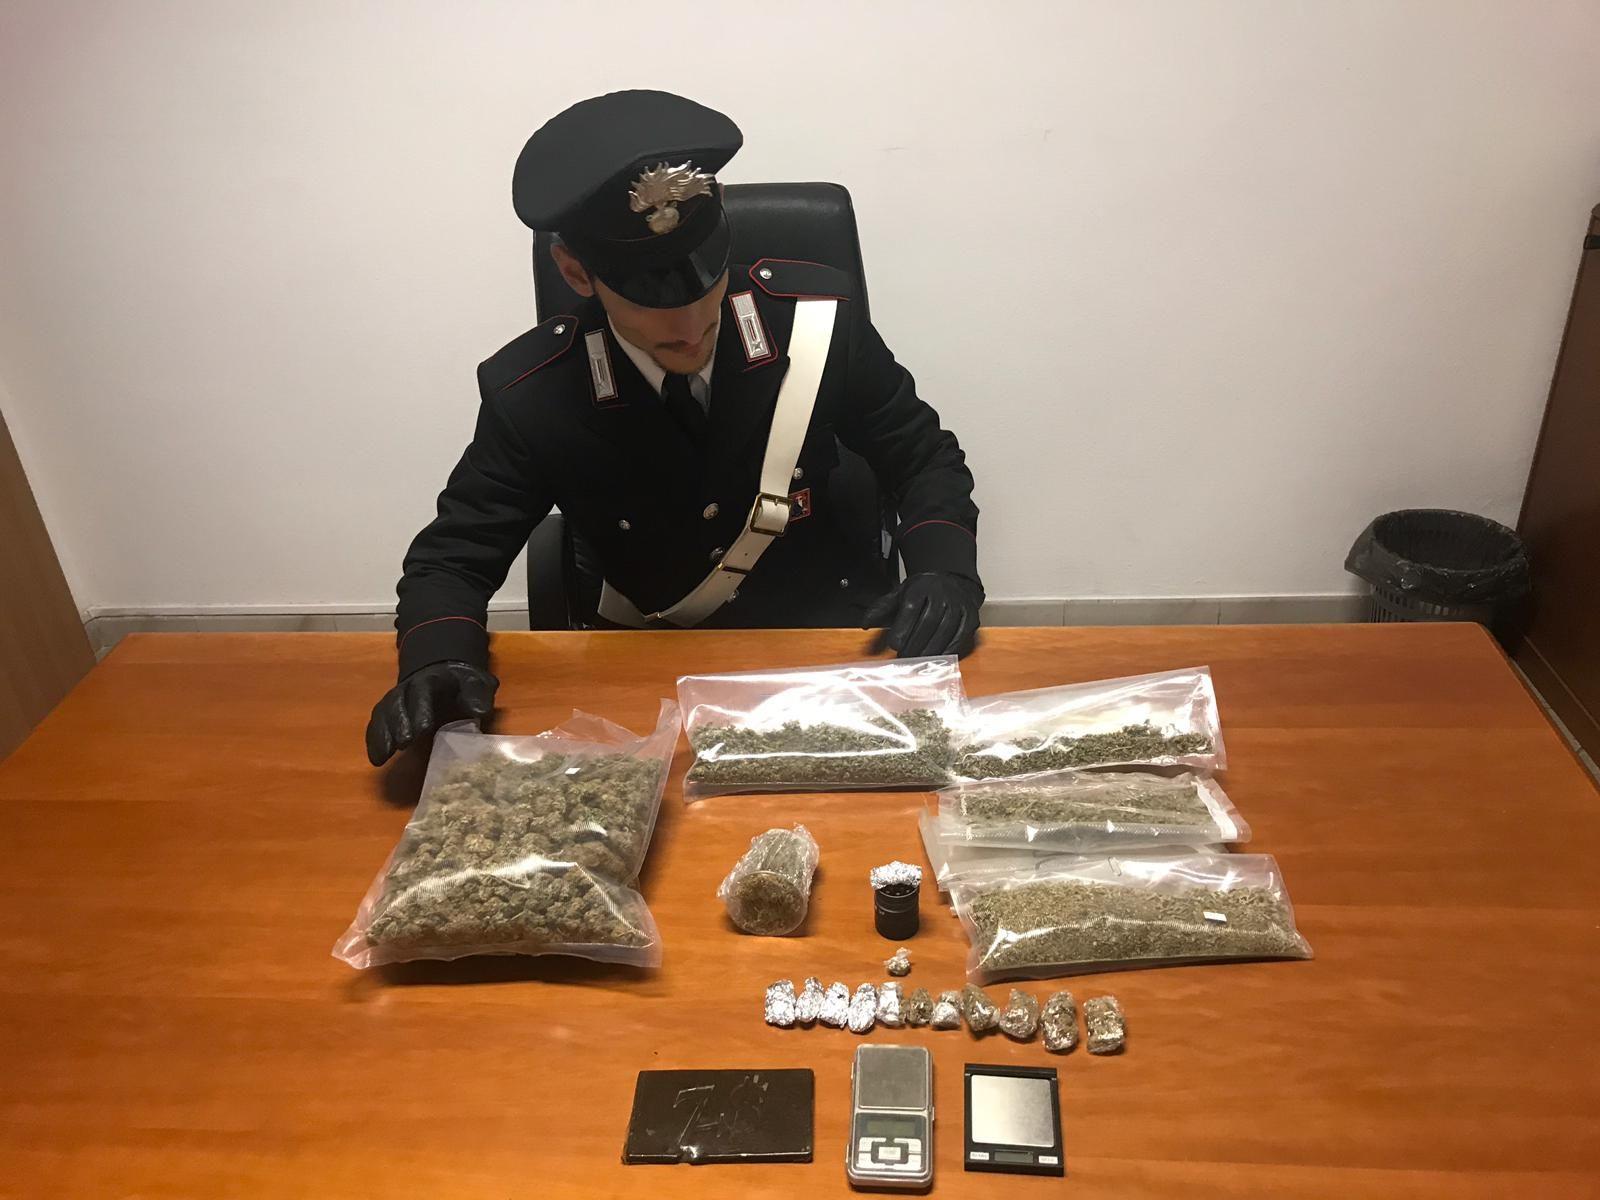 CIRIE' - Spaccia droga alla stazione Gtt: 21enne arrestato - FOTO